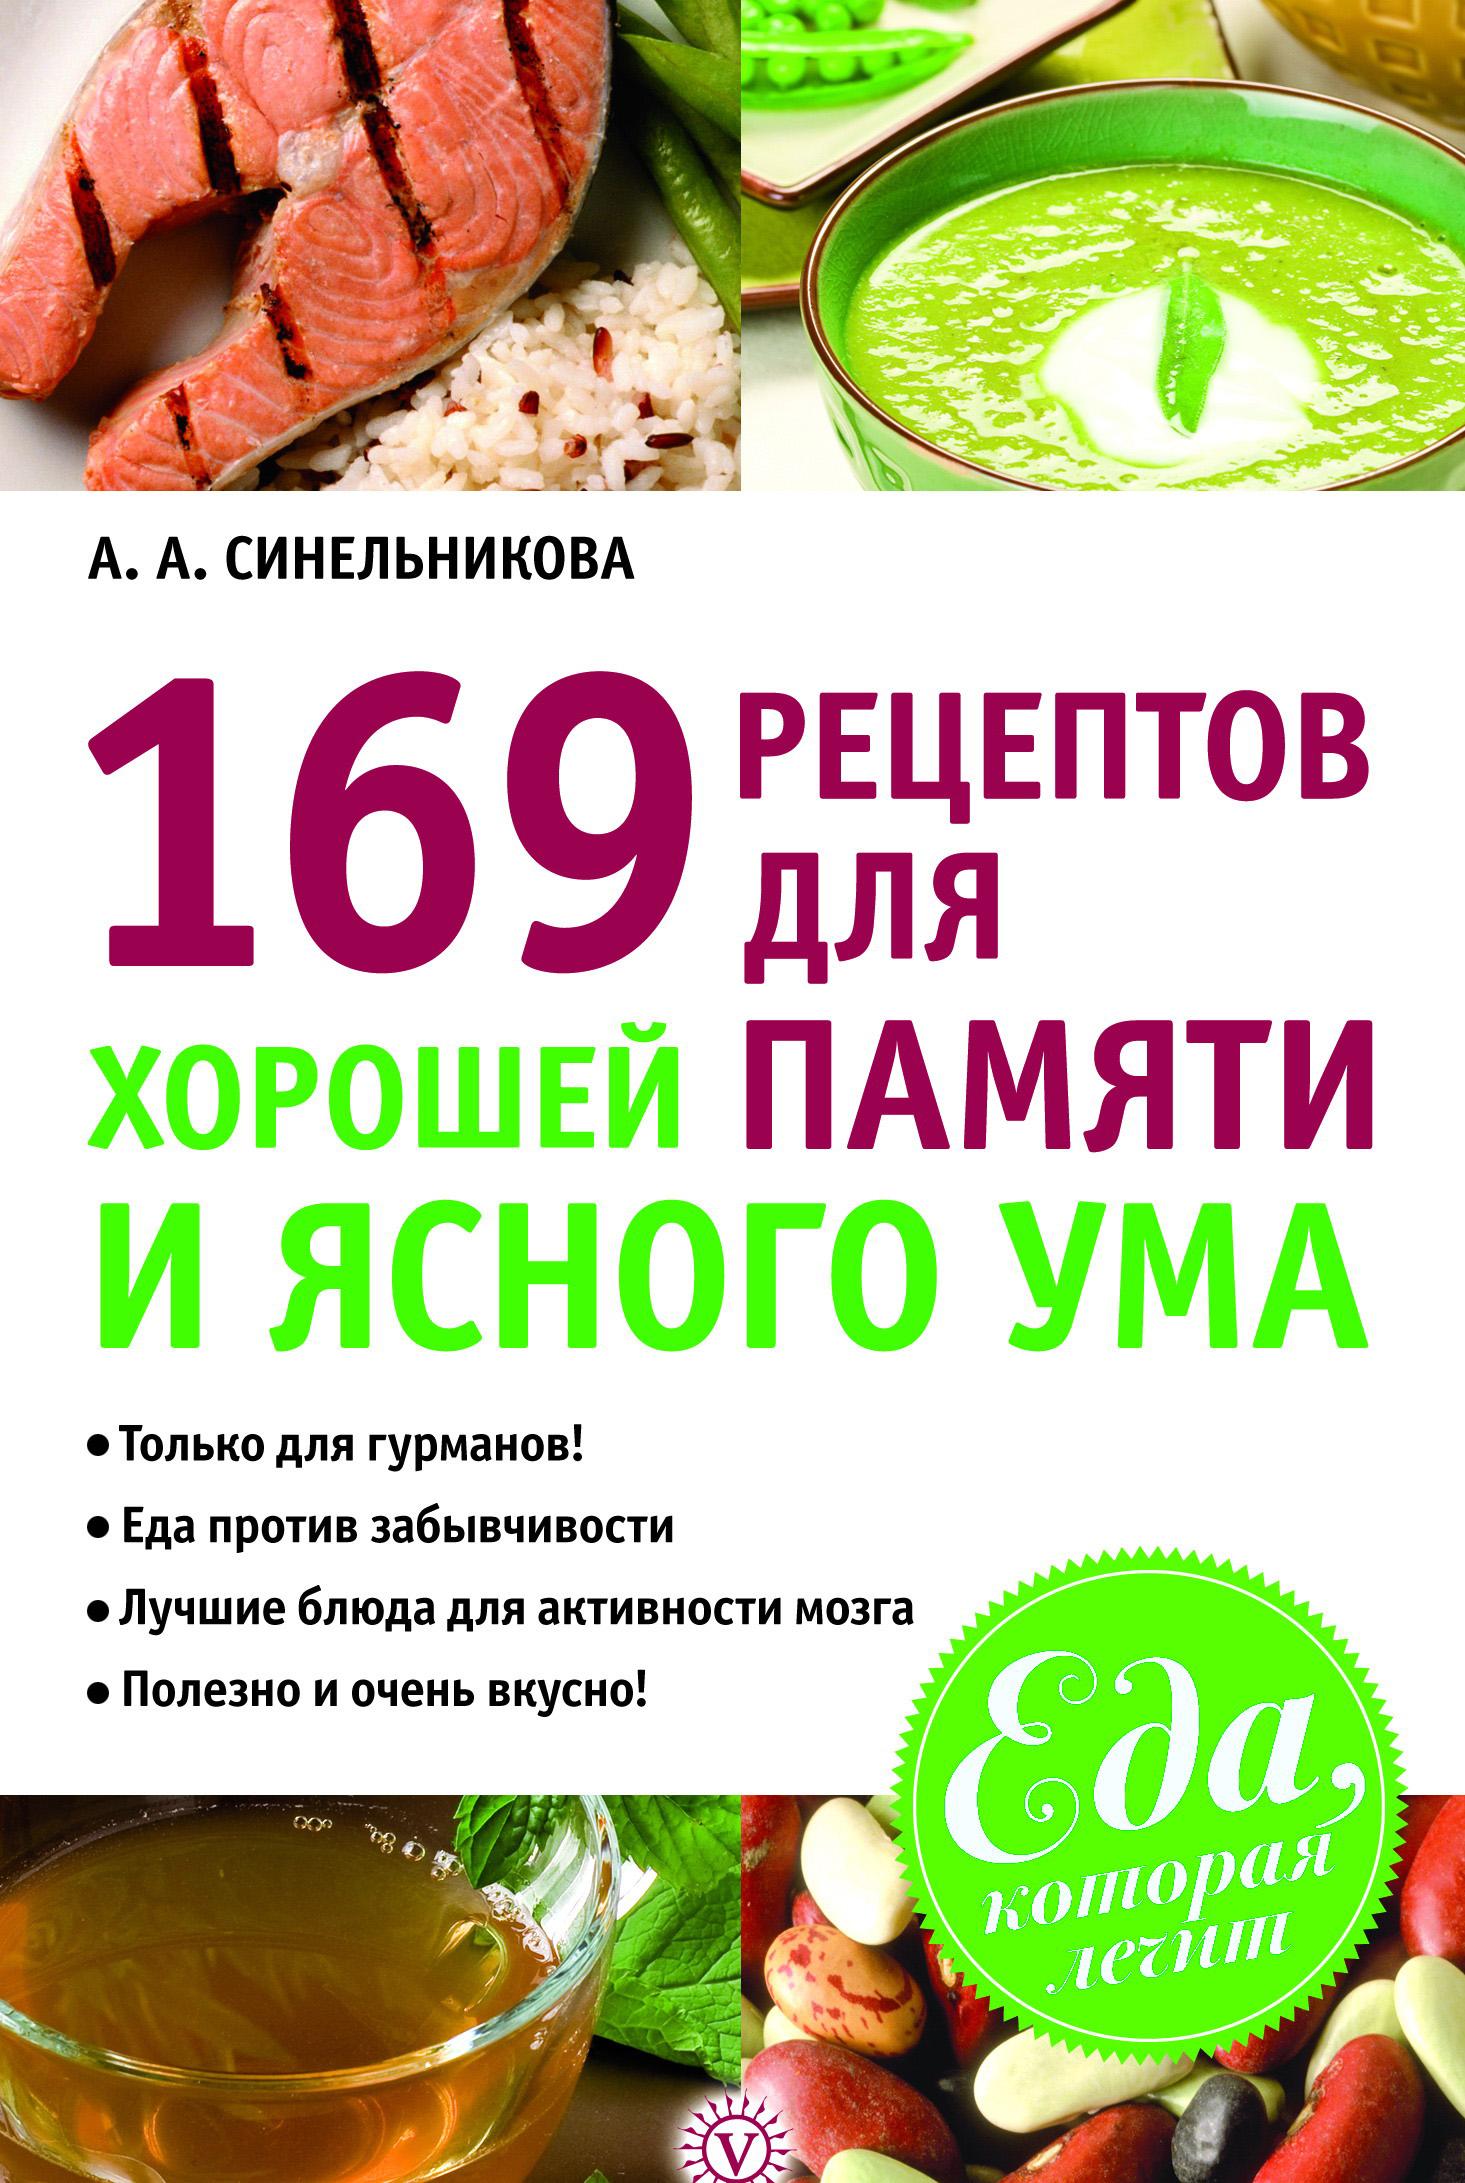 А. А. Синельникова 169 рецептов для хорошей памяти и ясного ума гори гори ясно